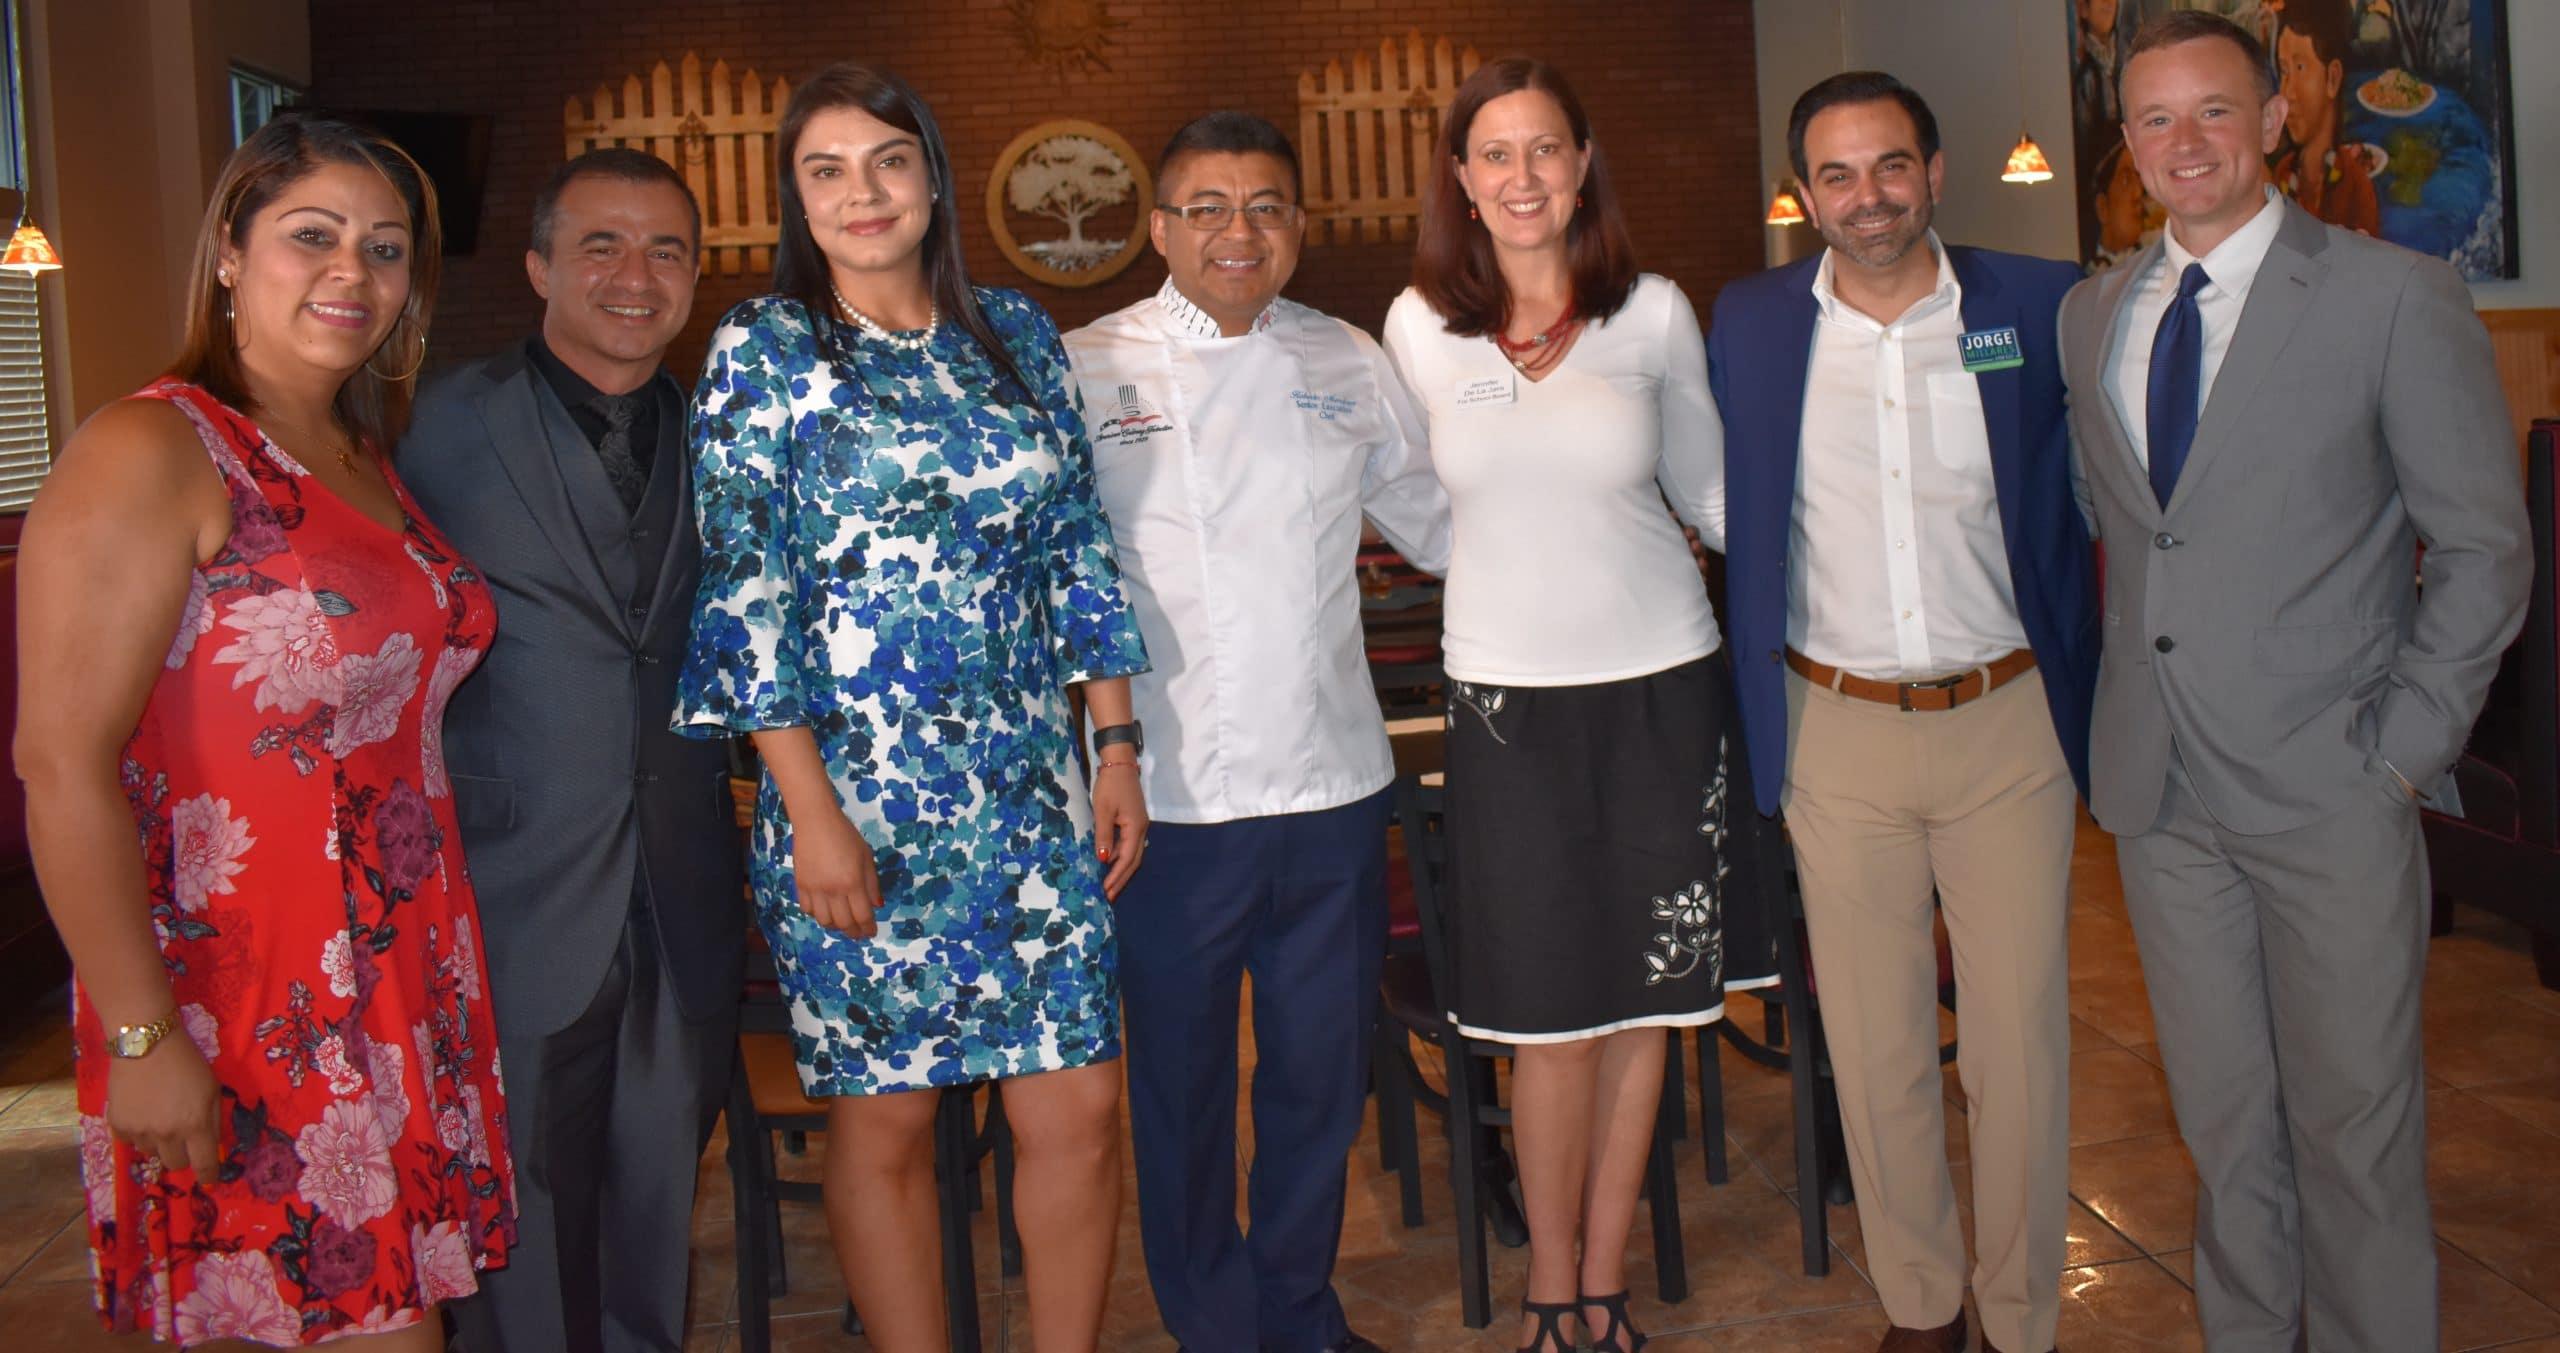 Nobles ideas y buena comida se dieron cita en presentación de candidatos